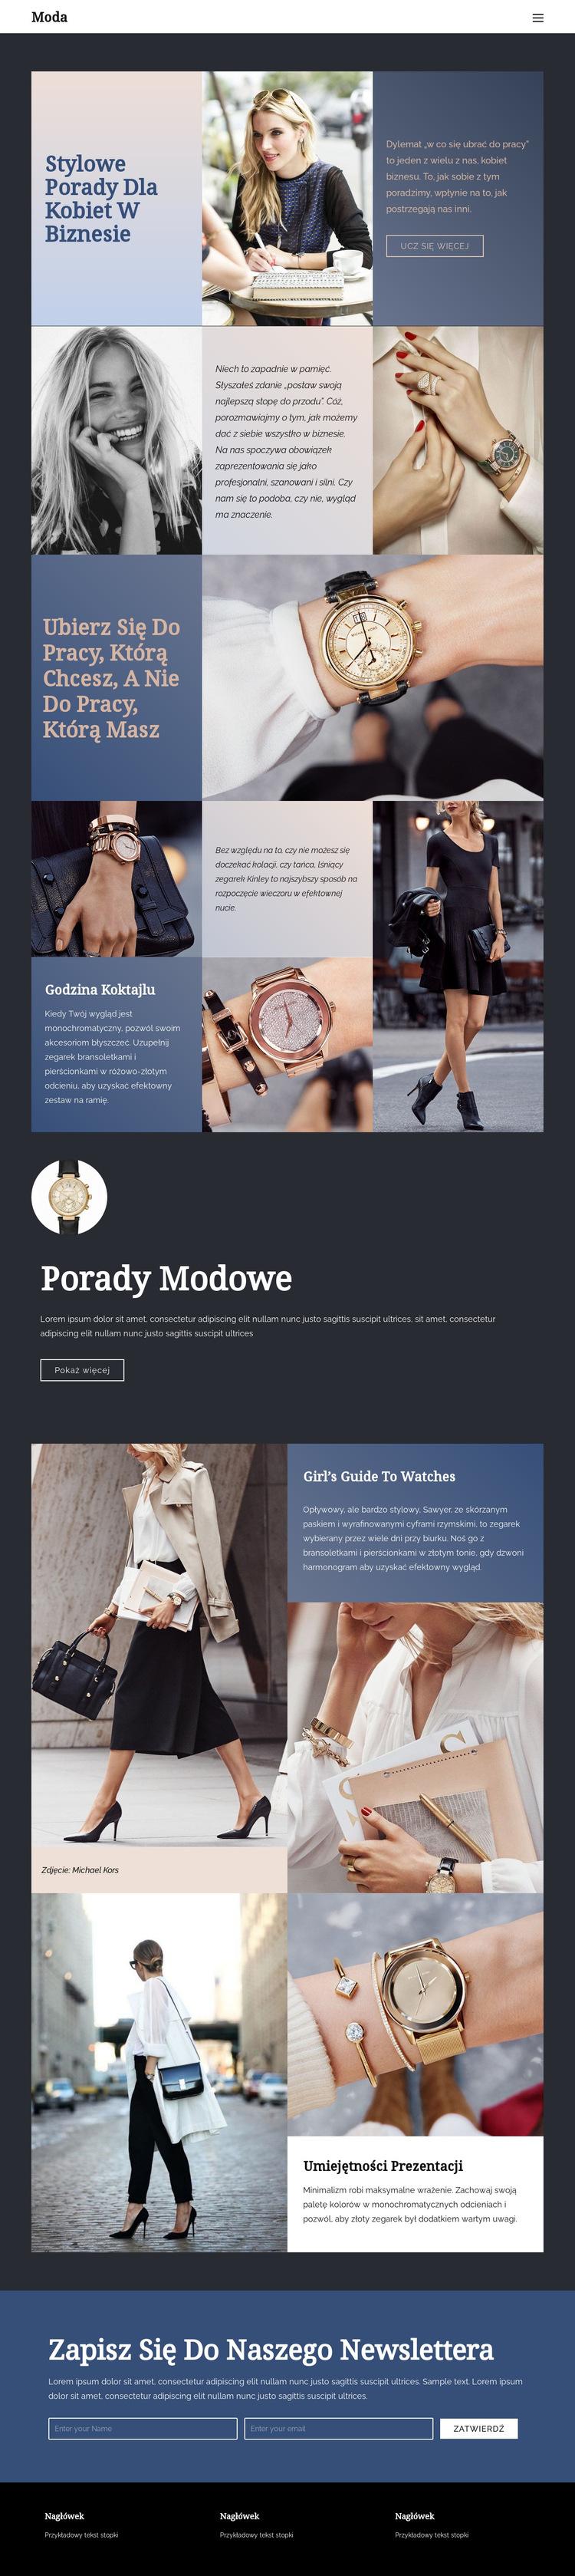 Wskazówki, jak odnieść sukces w modzie Szablon witryny sieci Web